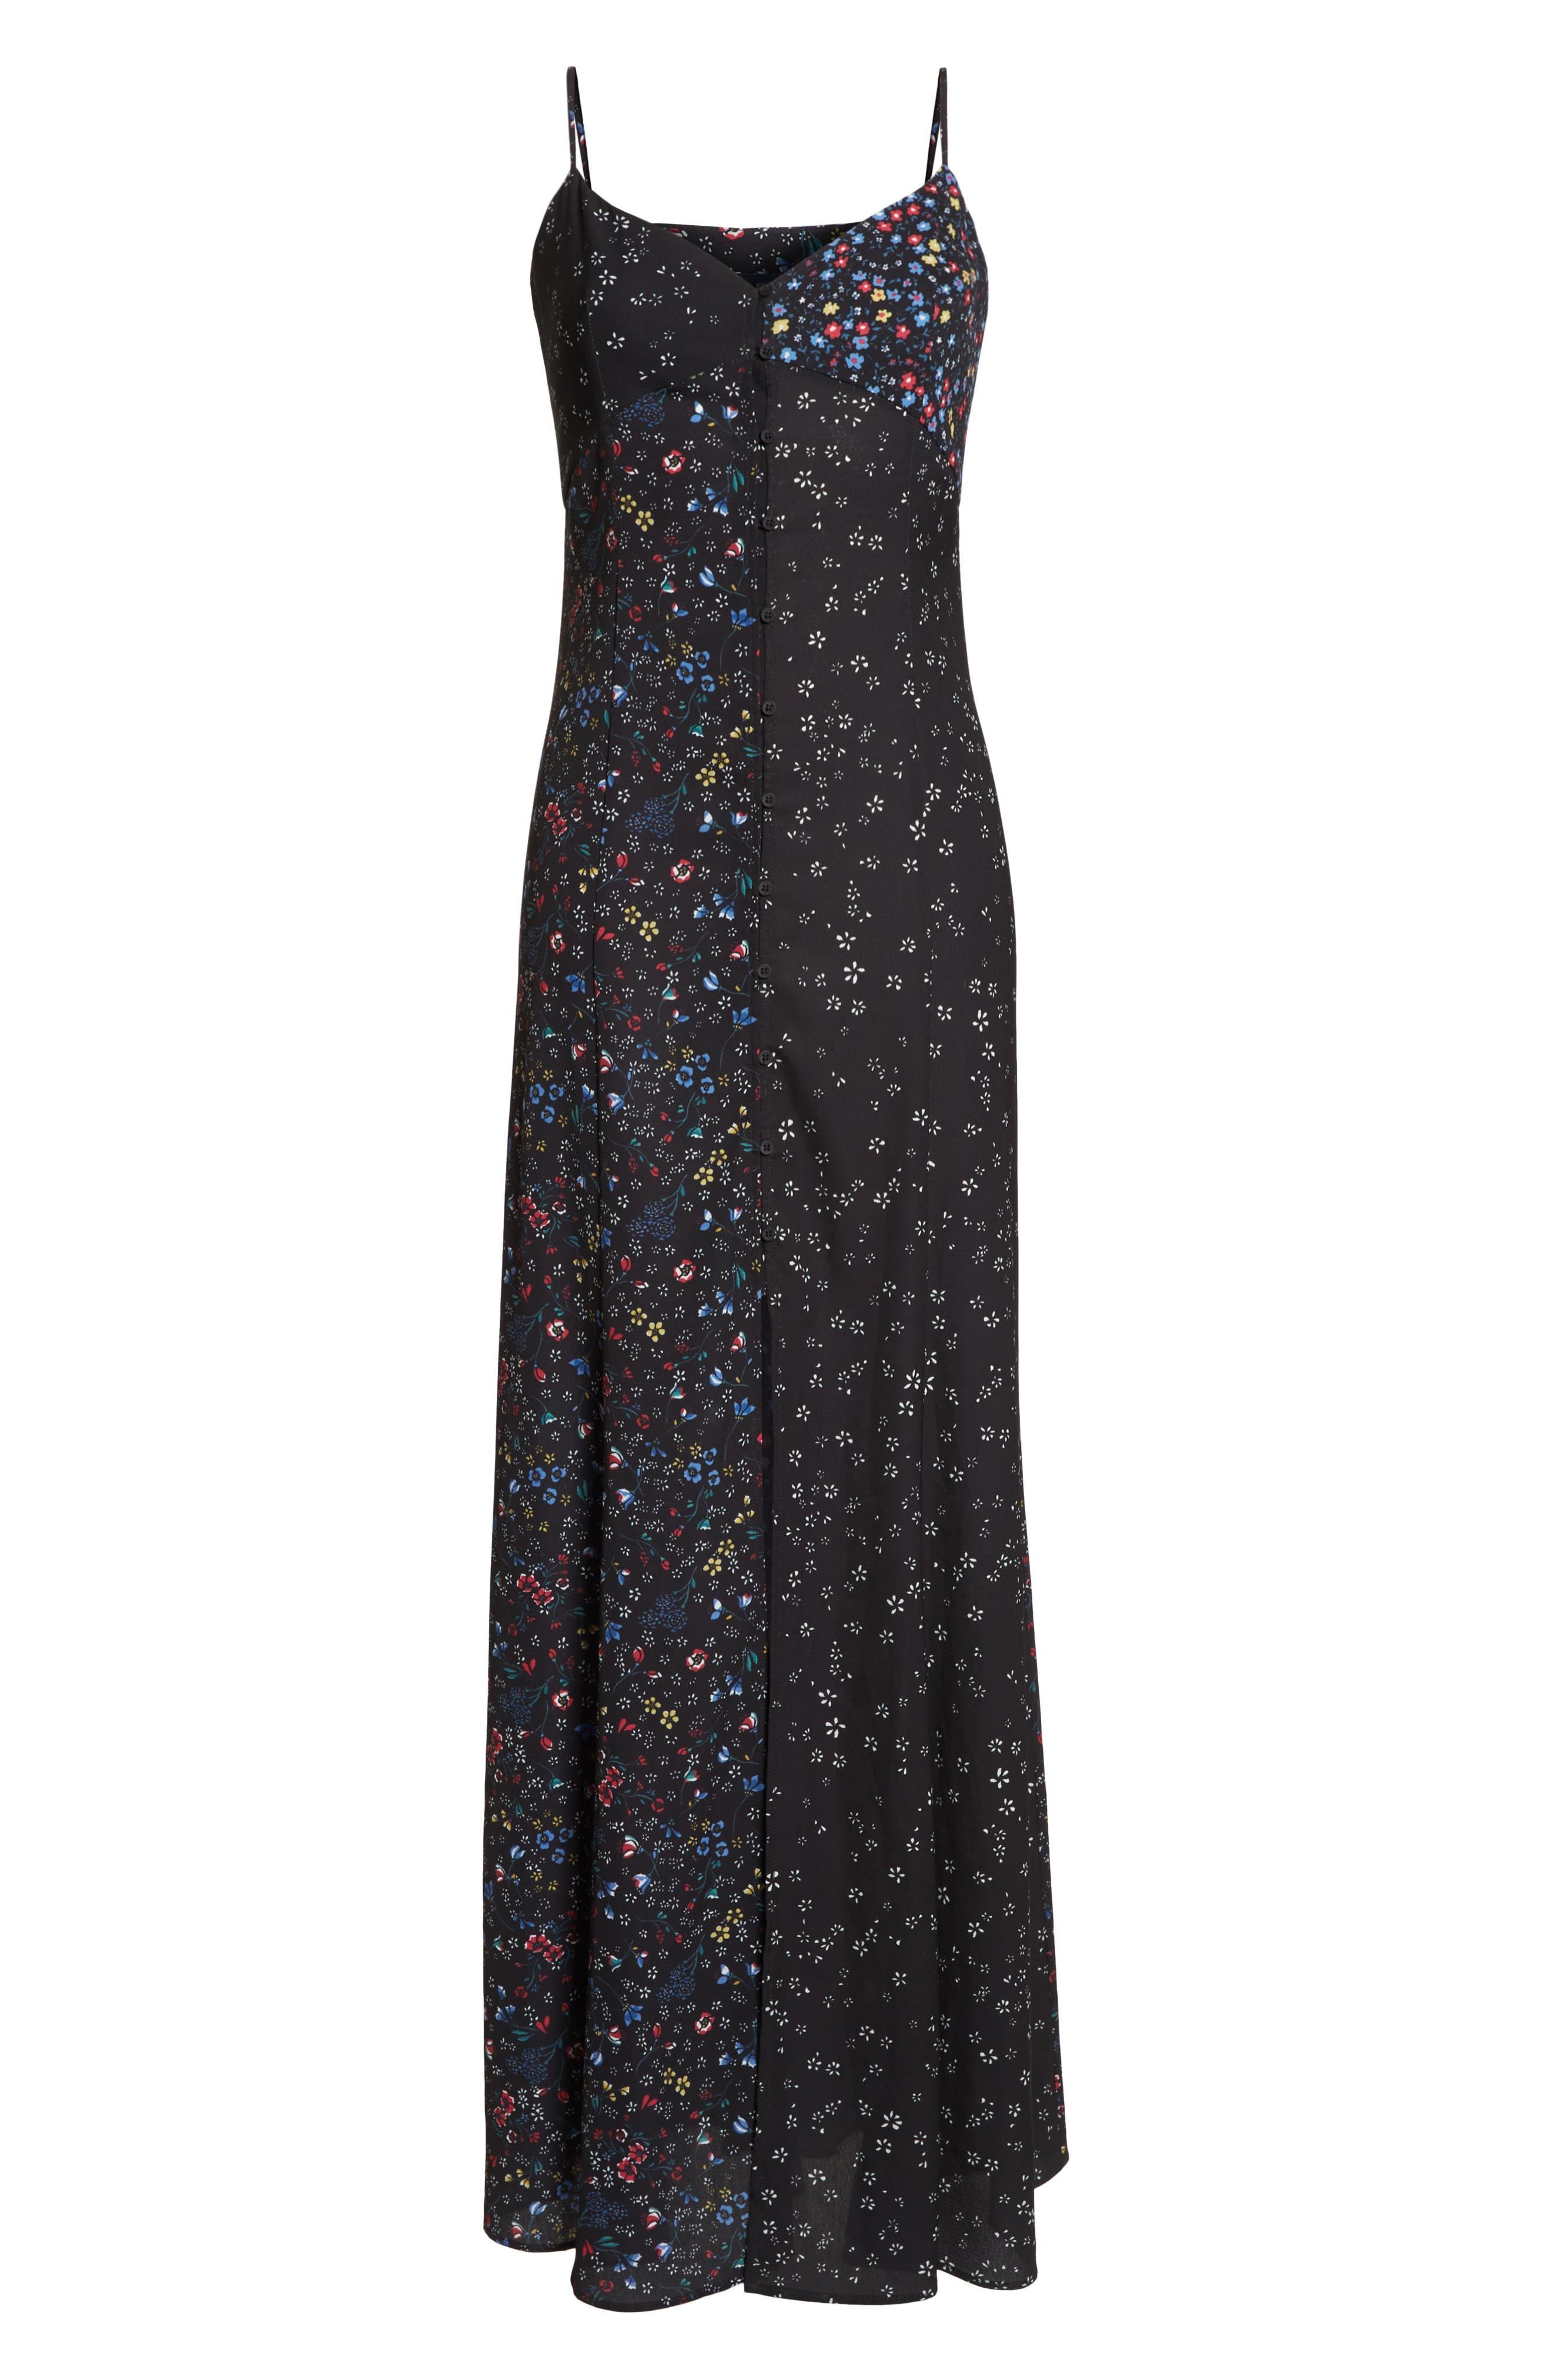 FRENCH CONNECTION,                             Aubine Fluid Slip Dress,                             Alternate thumbnail 6, color,                             002